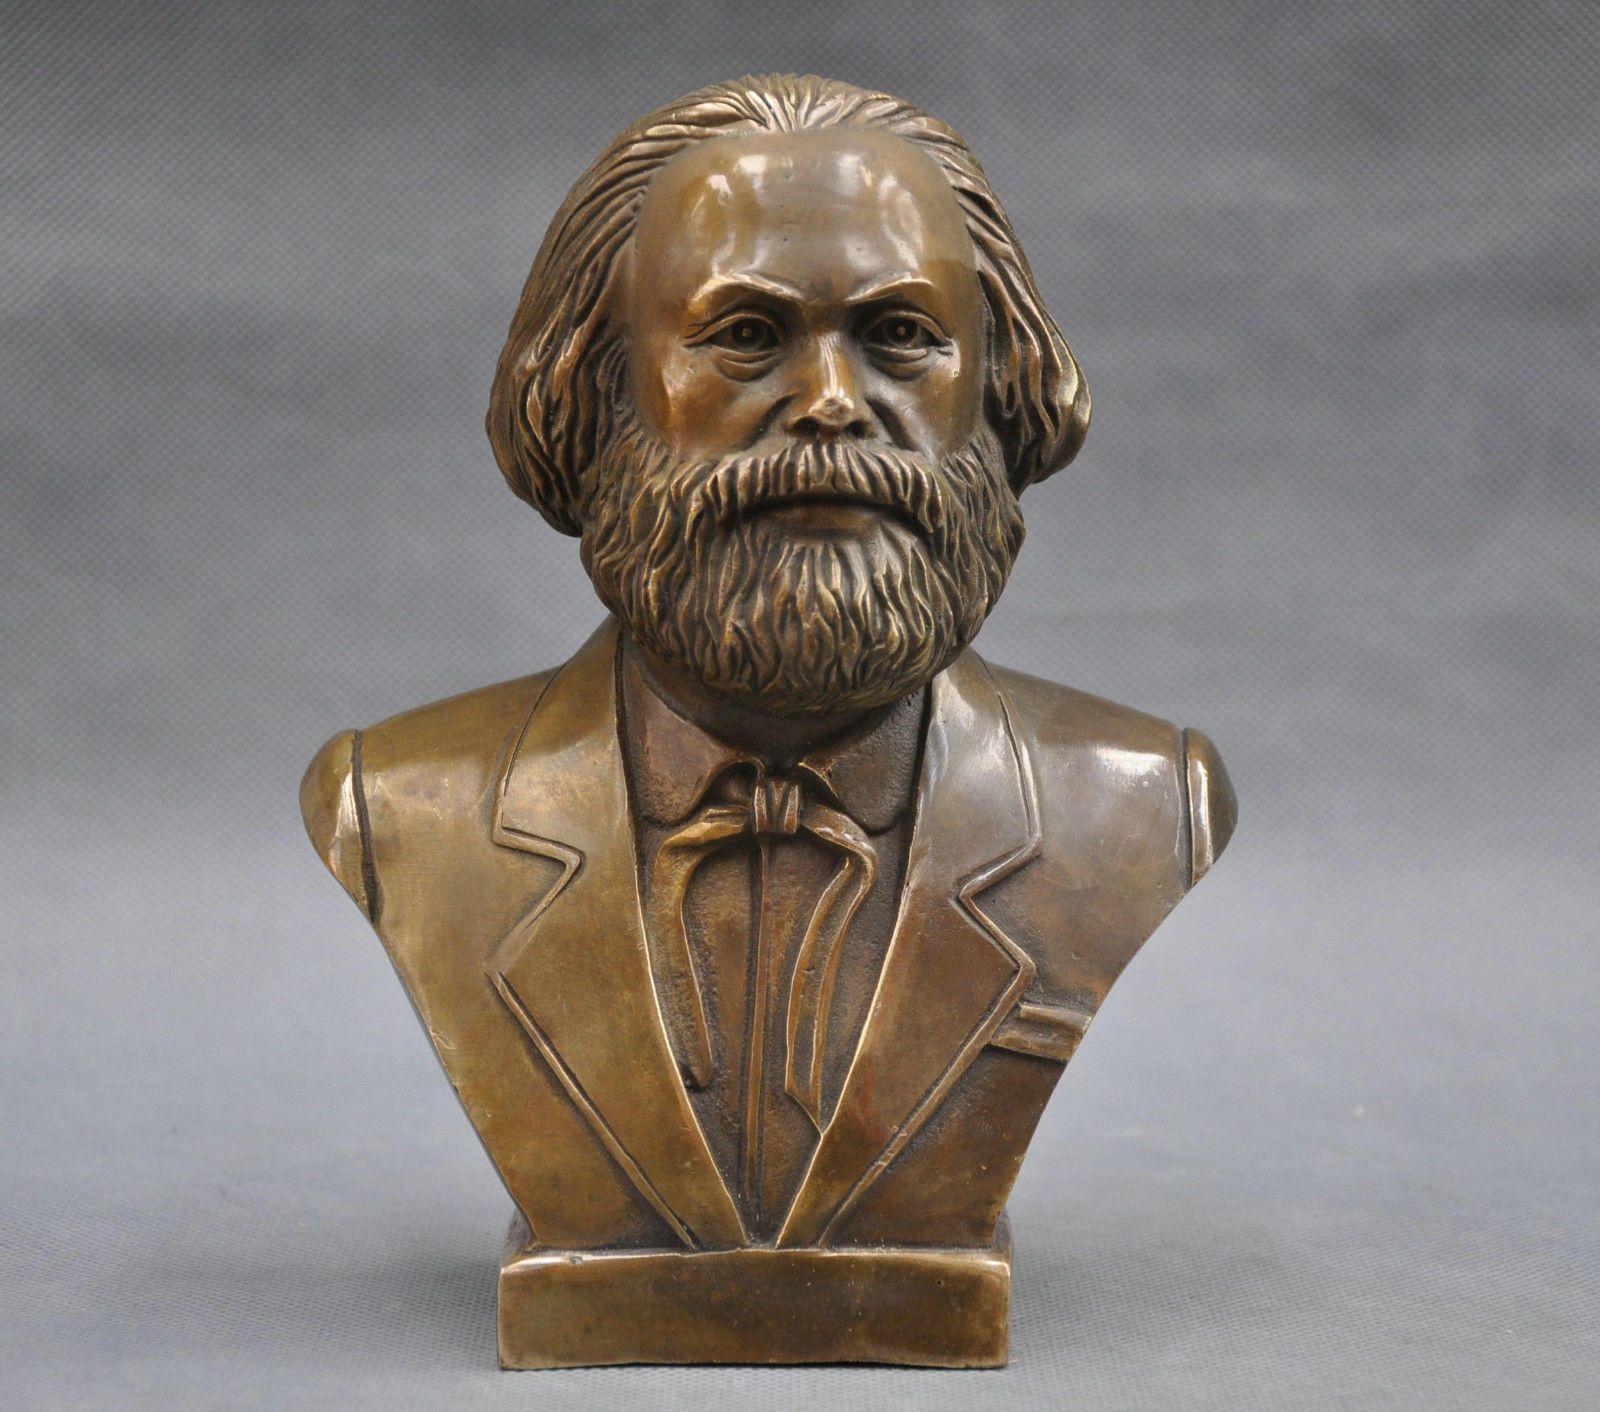 7 ''독일의 위대한 공산주의 칼 마르크스 흉상 동상